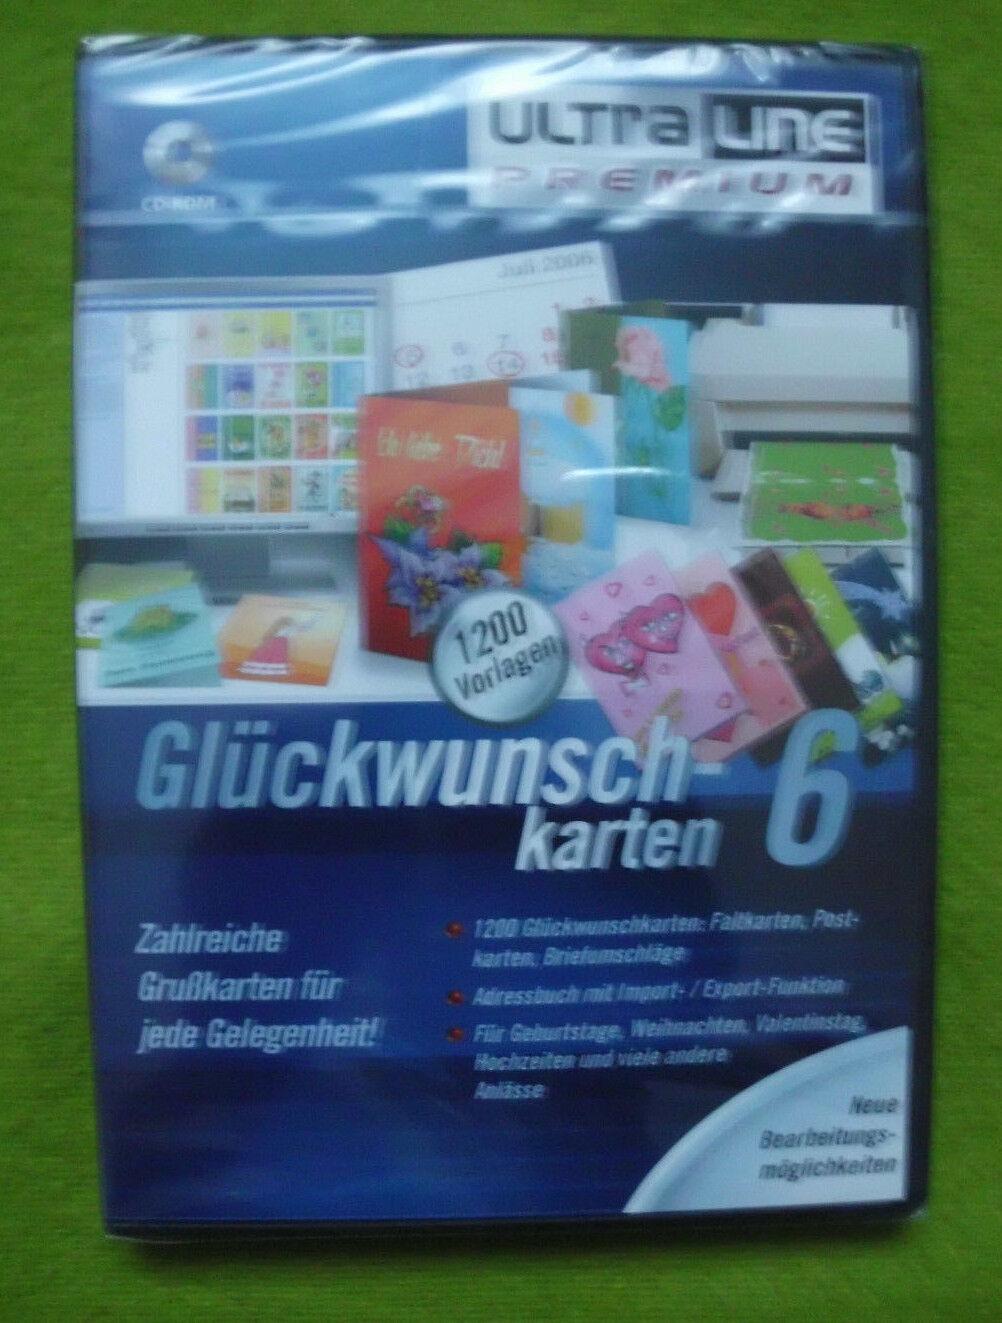 CD Rom PC Software Glückwunschkarten 6 , 1200 Grußkarten für jede Gelegenheit